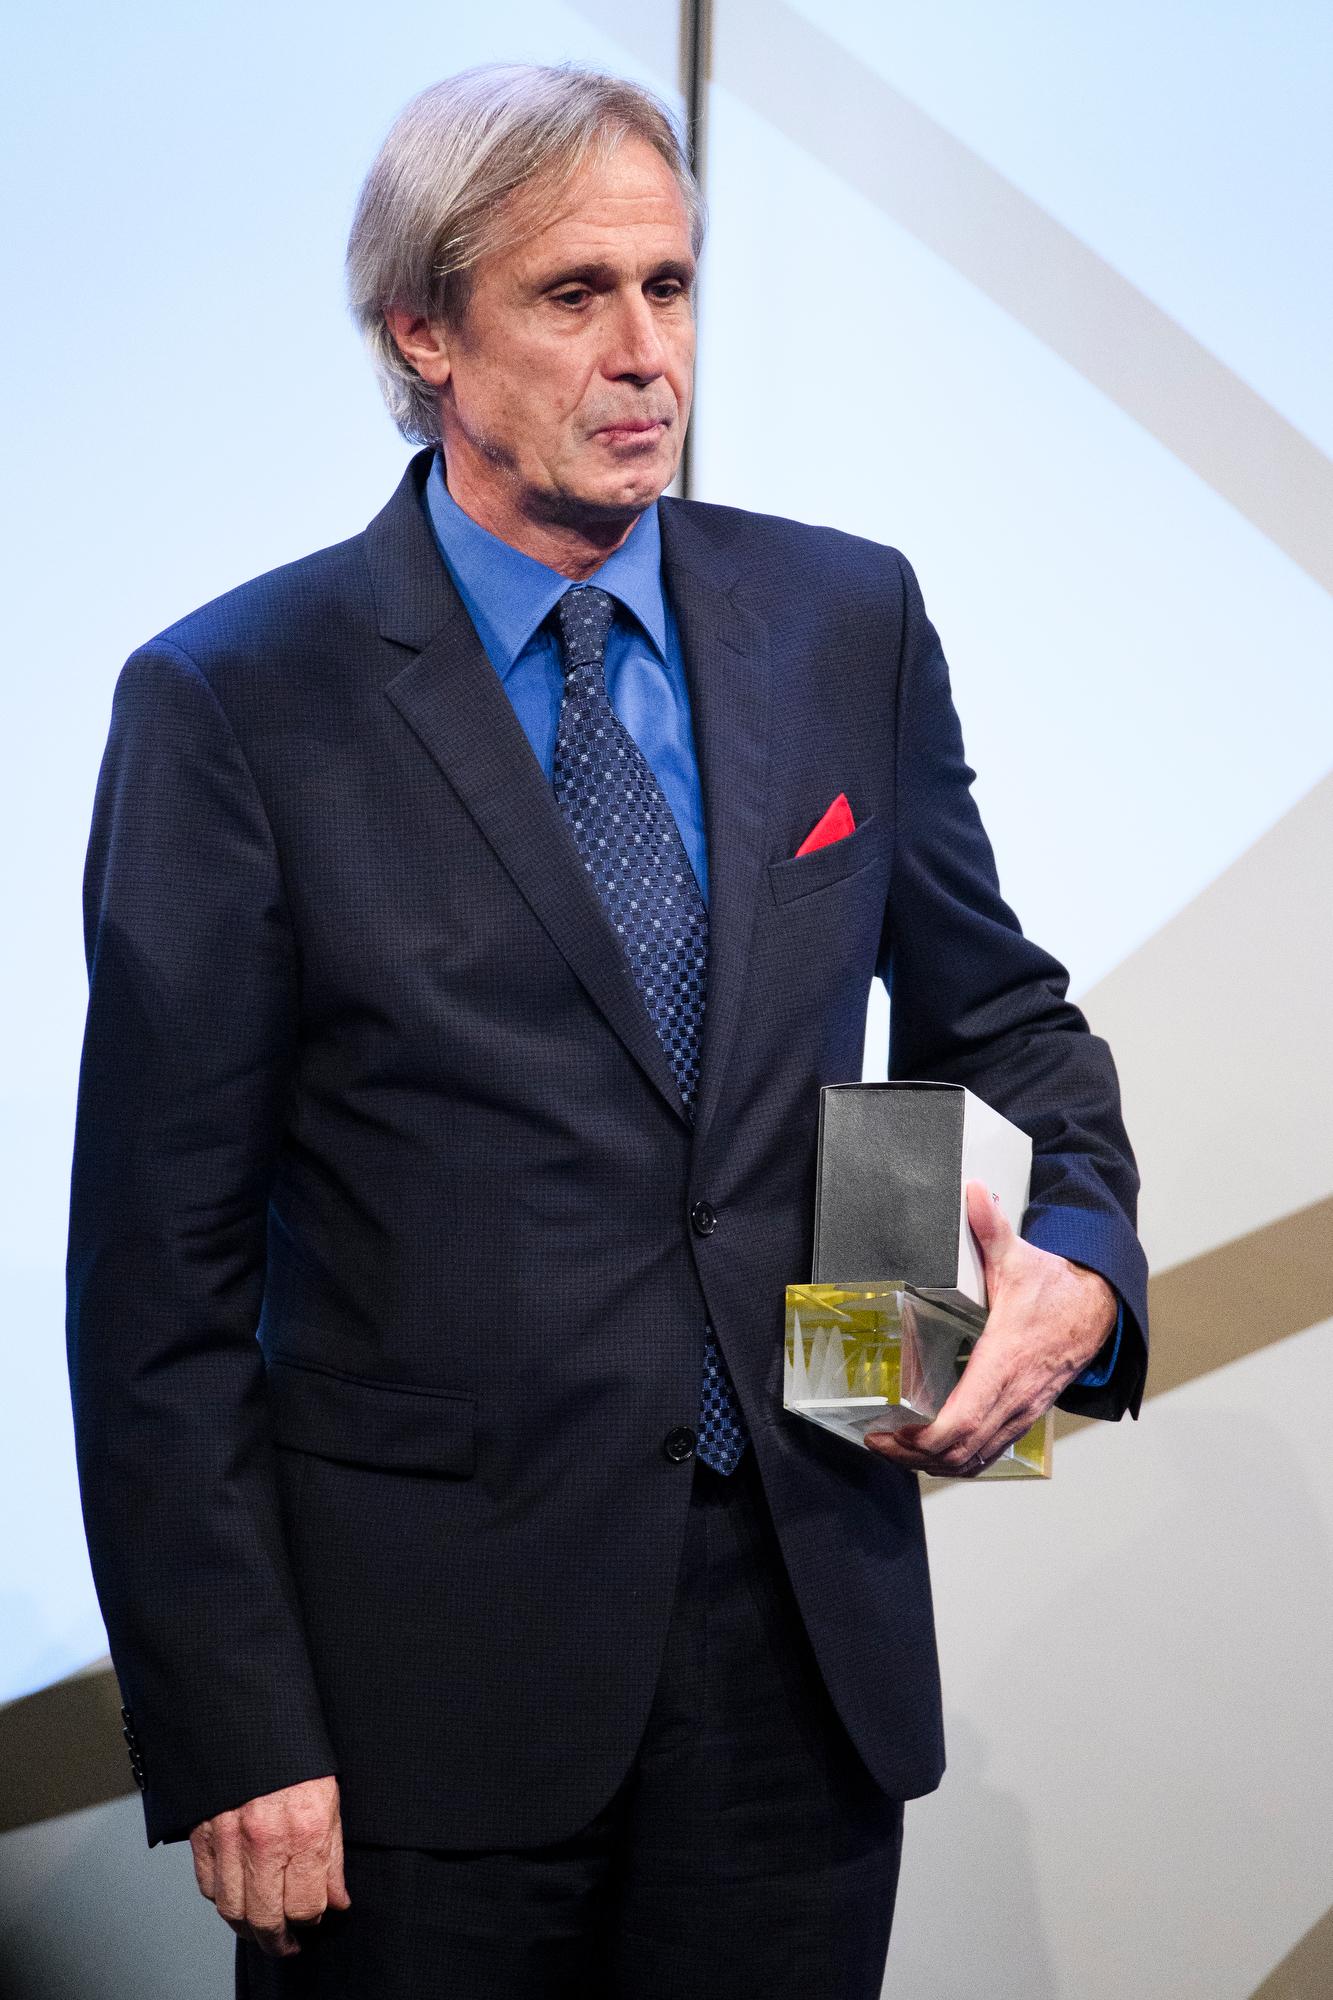 SCHWEIZ SWISS ICE HOCKEY AWARDS 2016